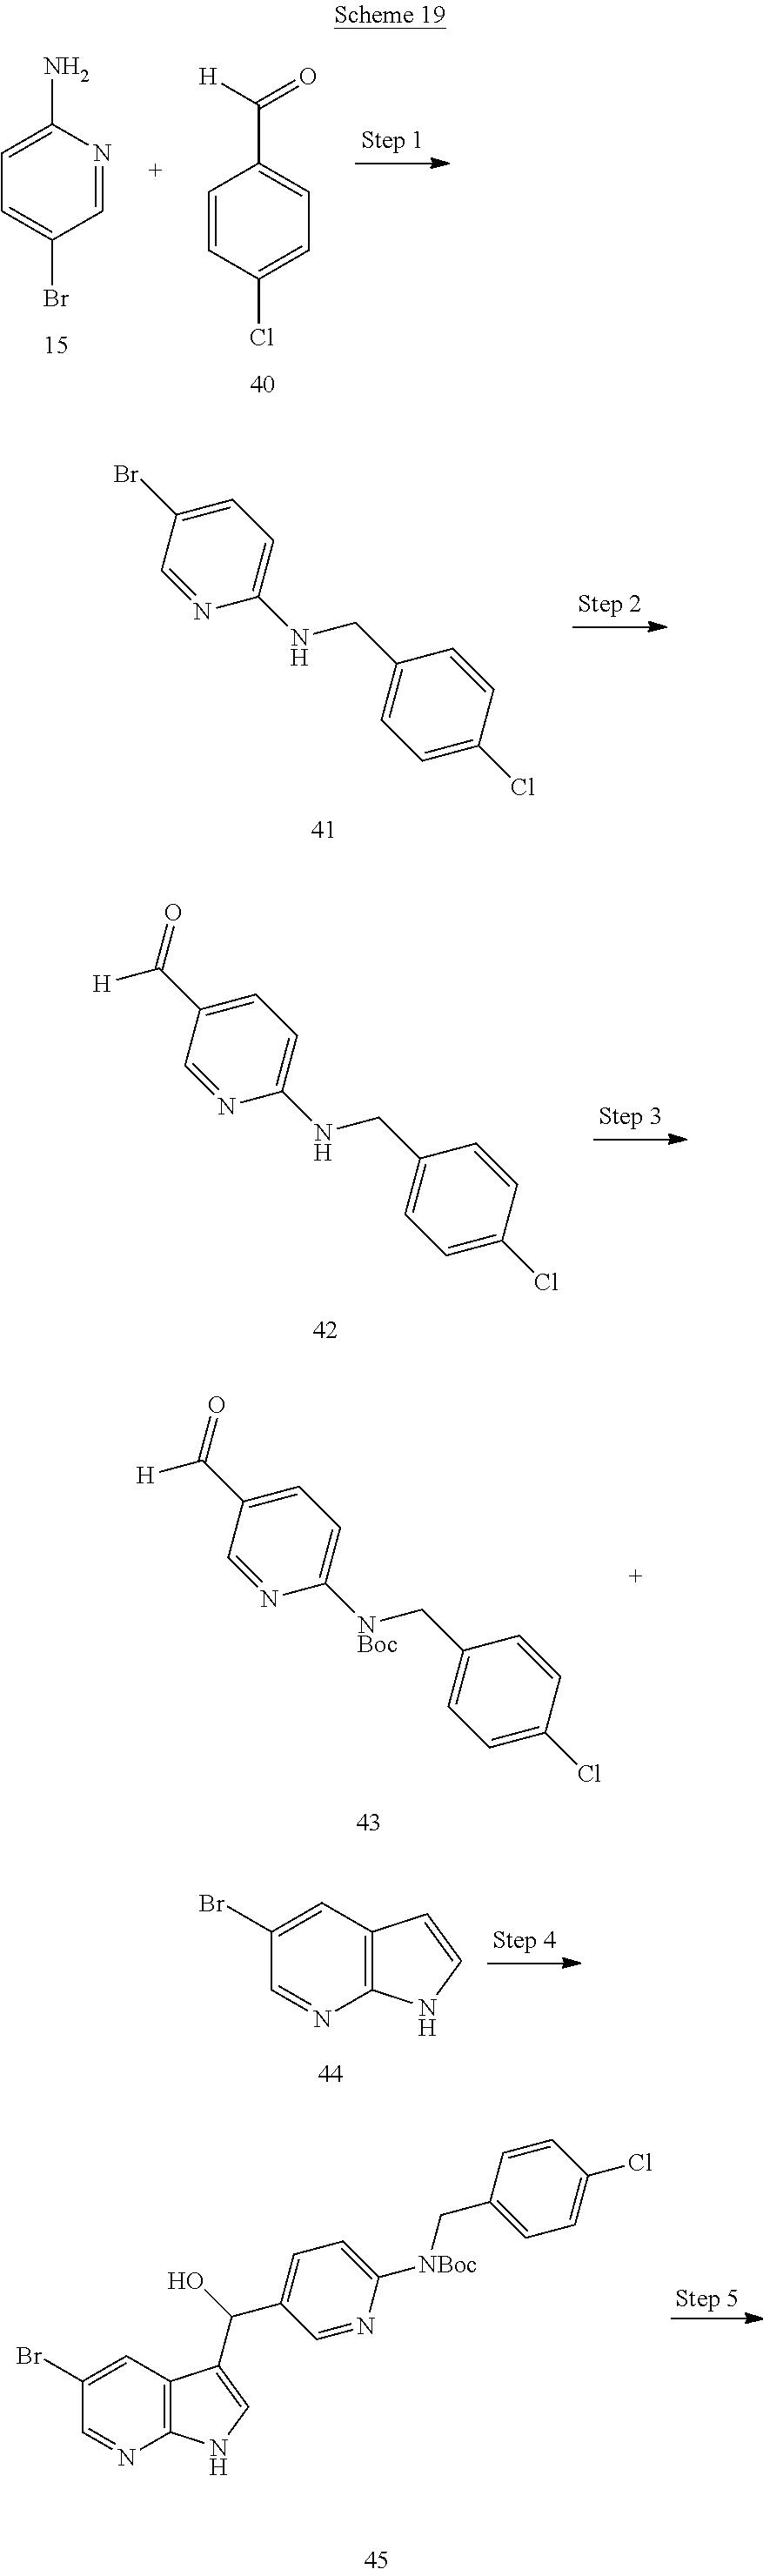 Figure US20110166174A1-20110707-C00078